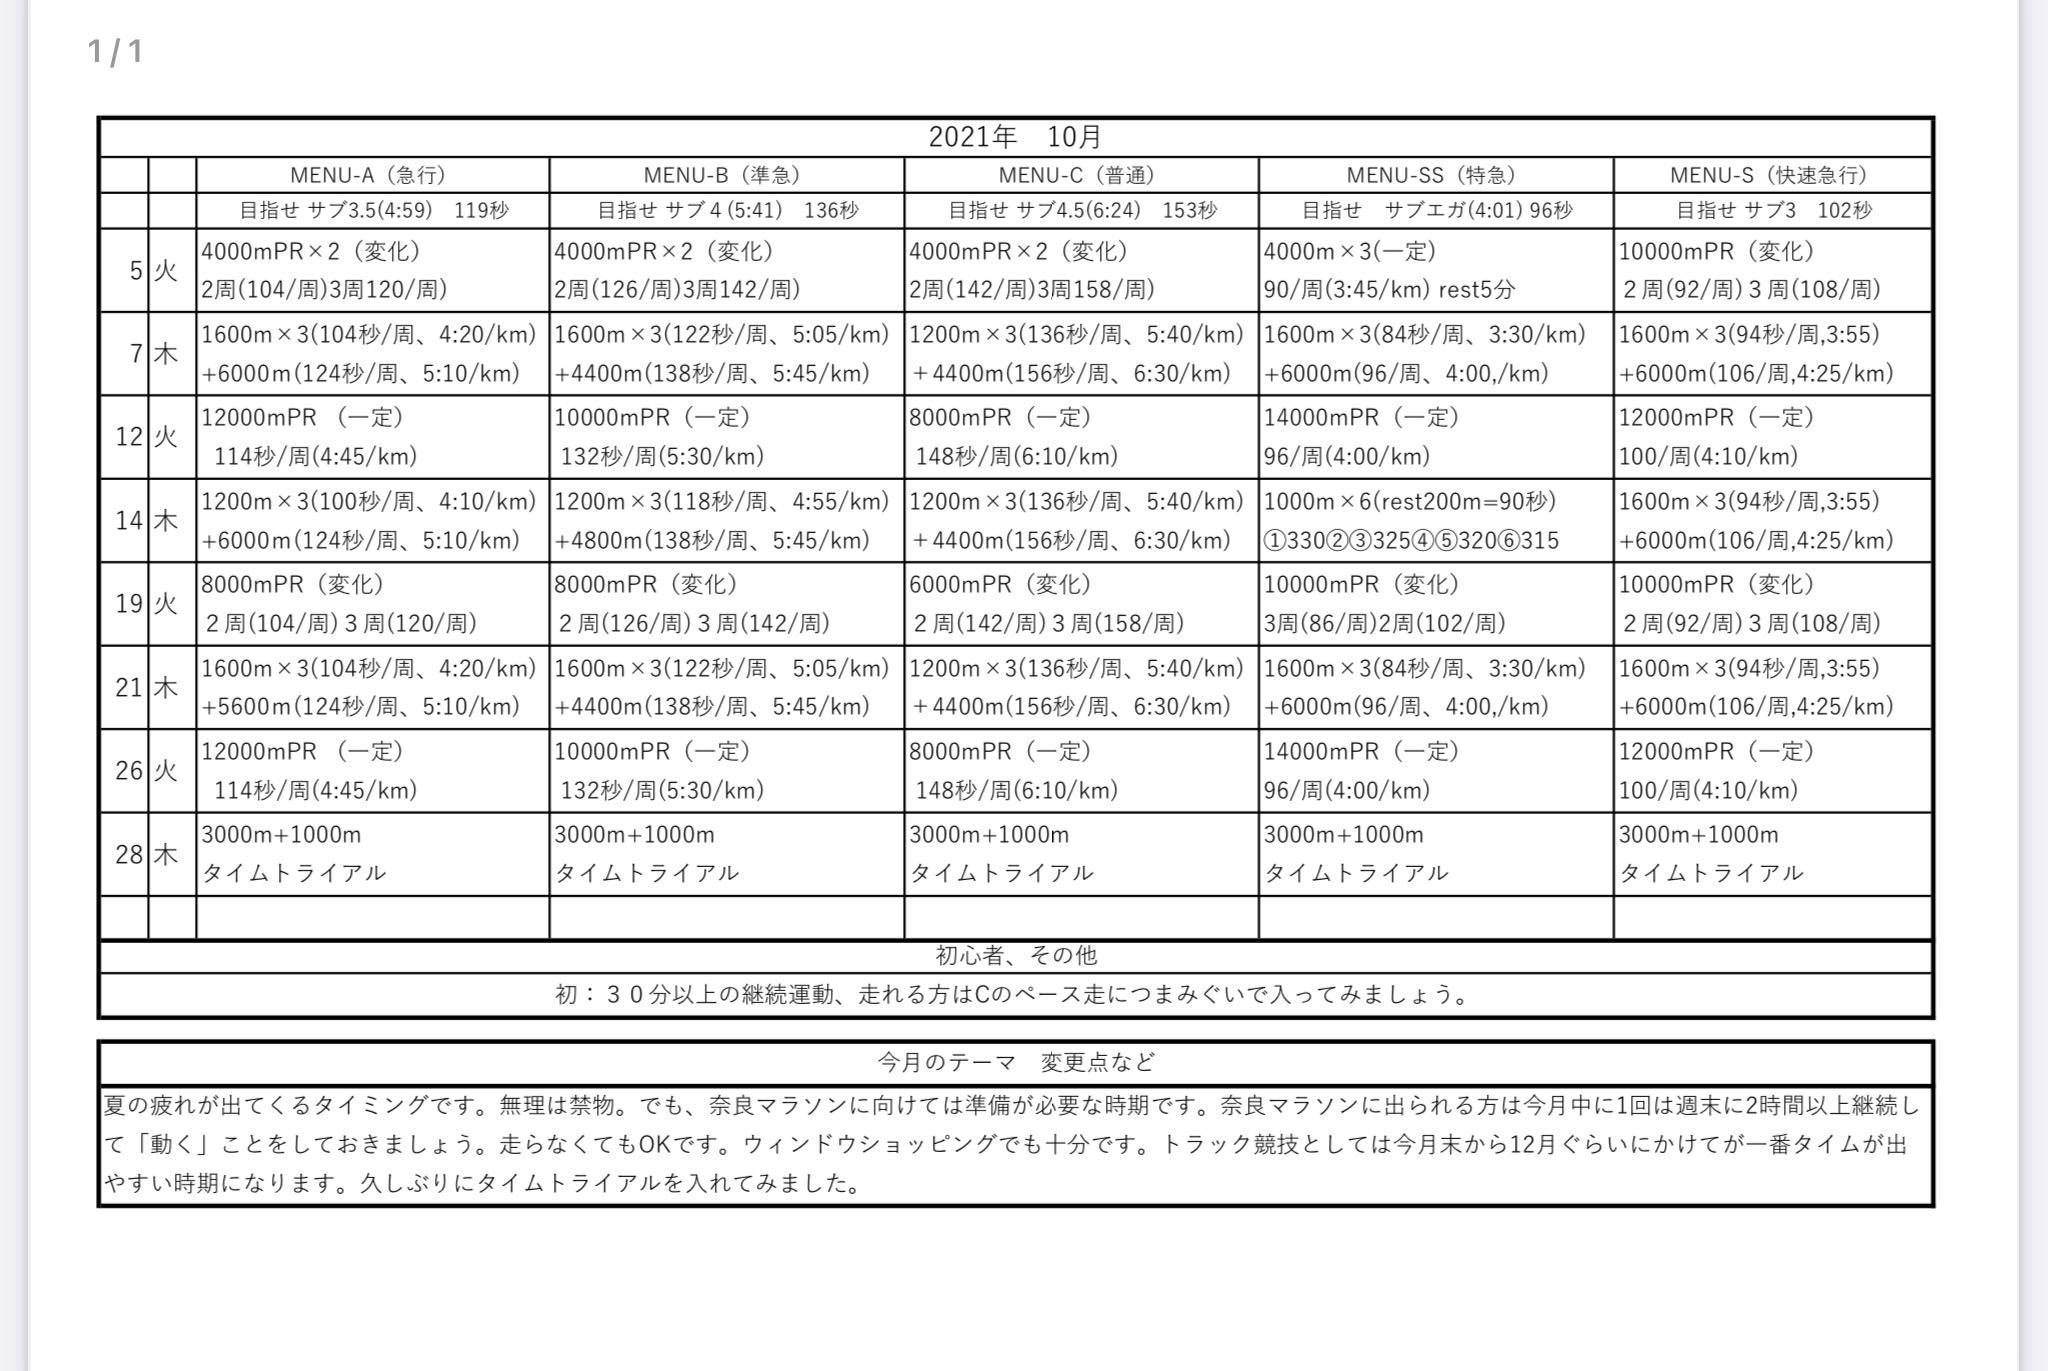 963B151F-A041-42F3-ADCE-8BAB197F6AF8